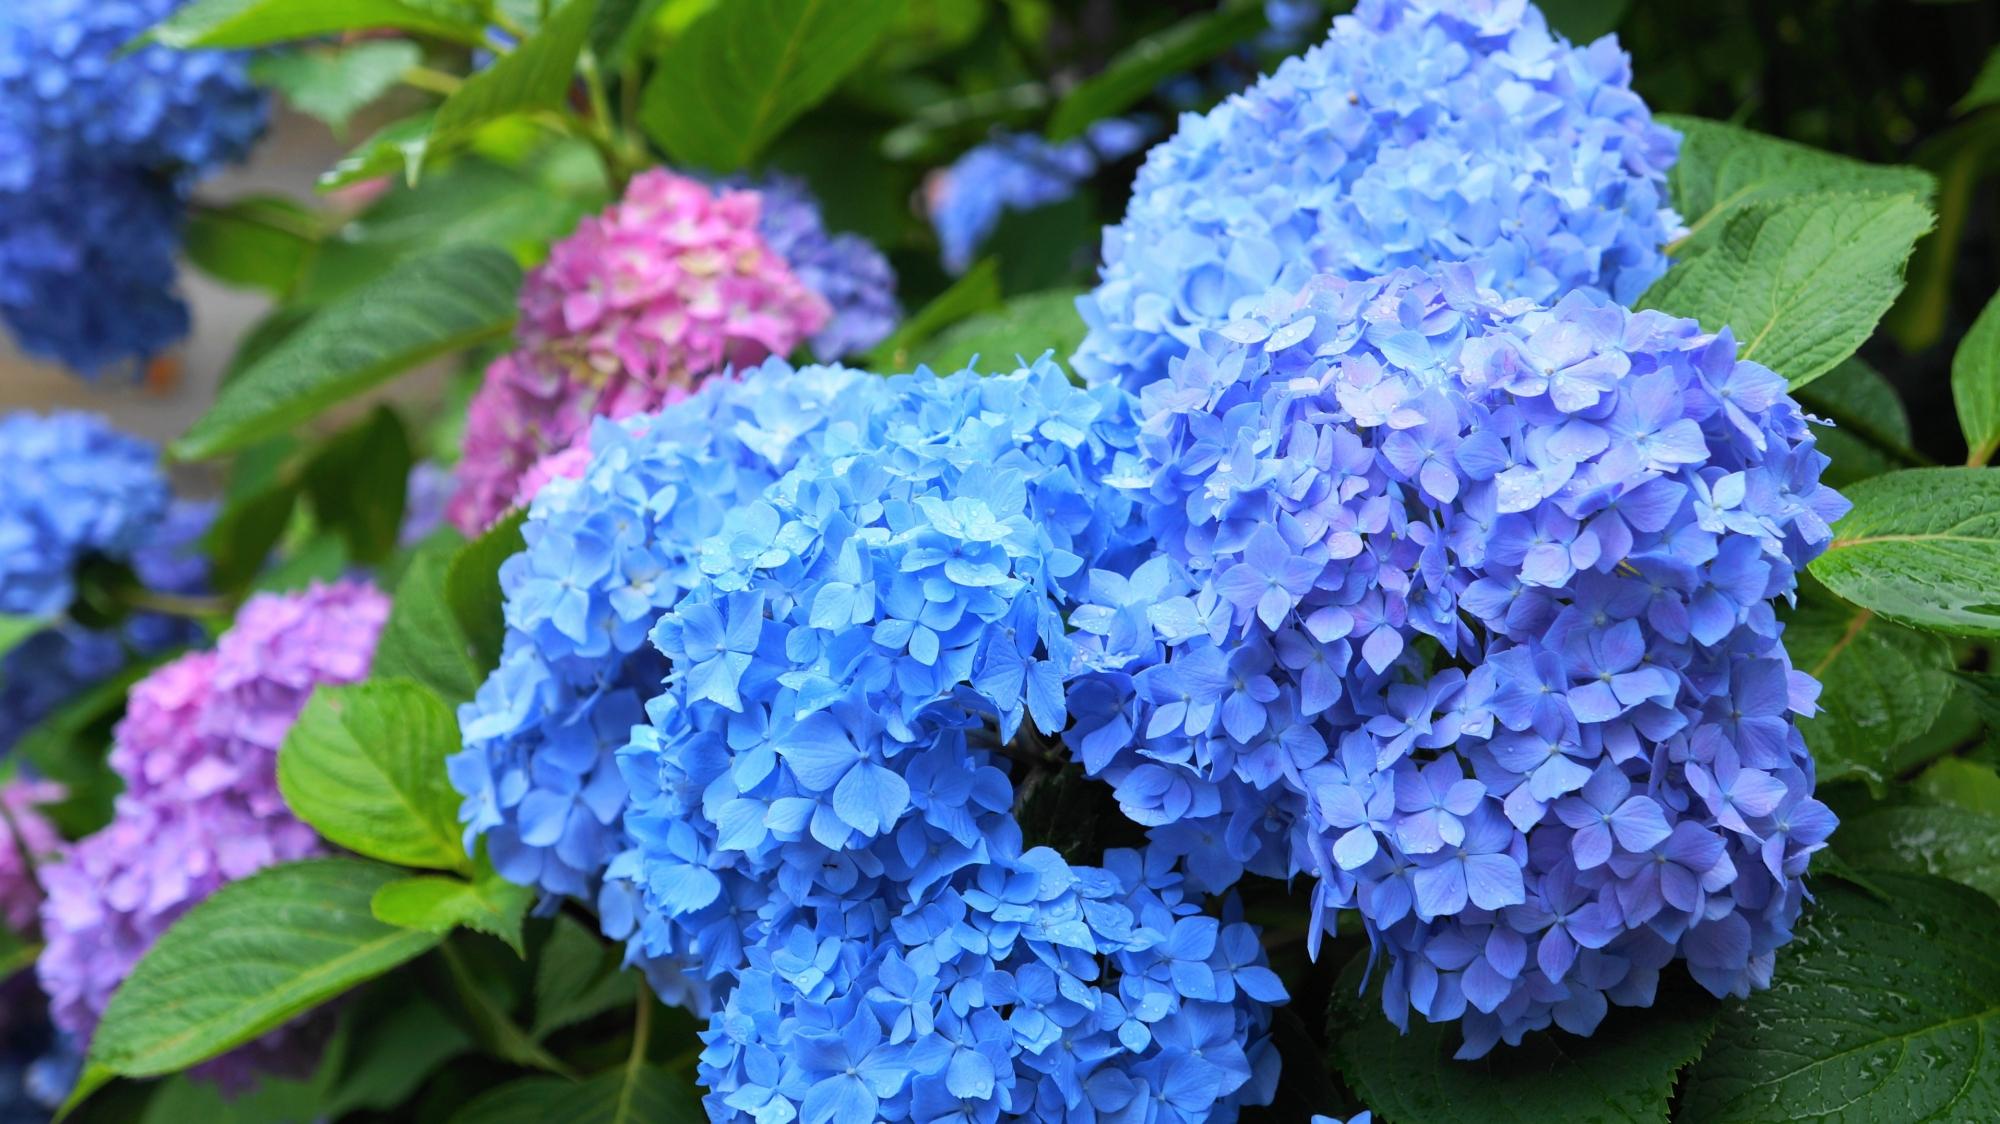 合体した微妙に色合いの異なる青系の紫陽花